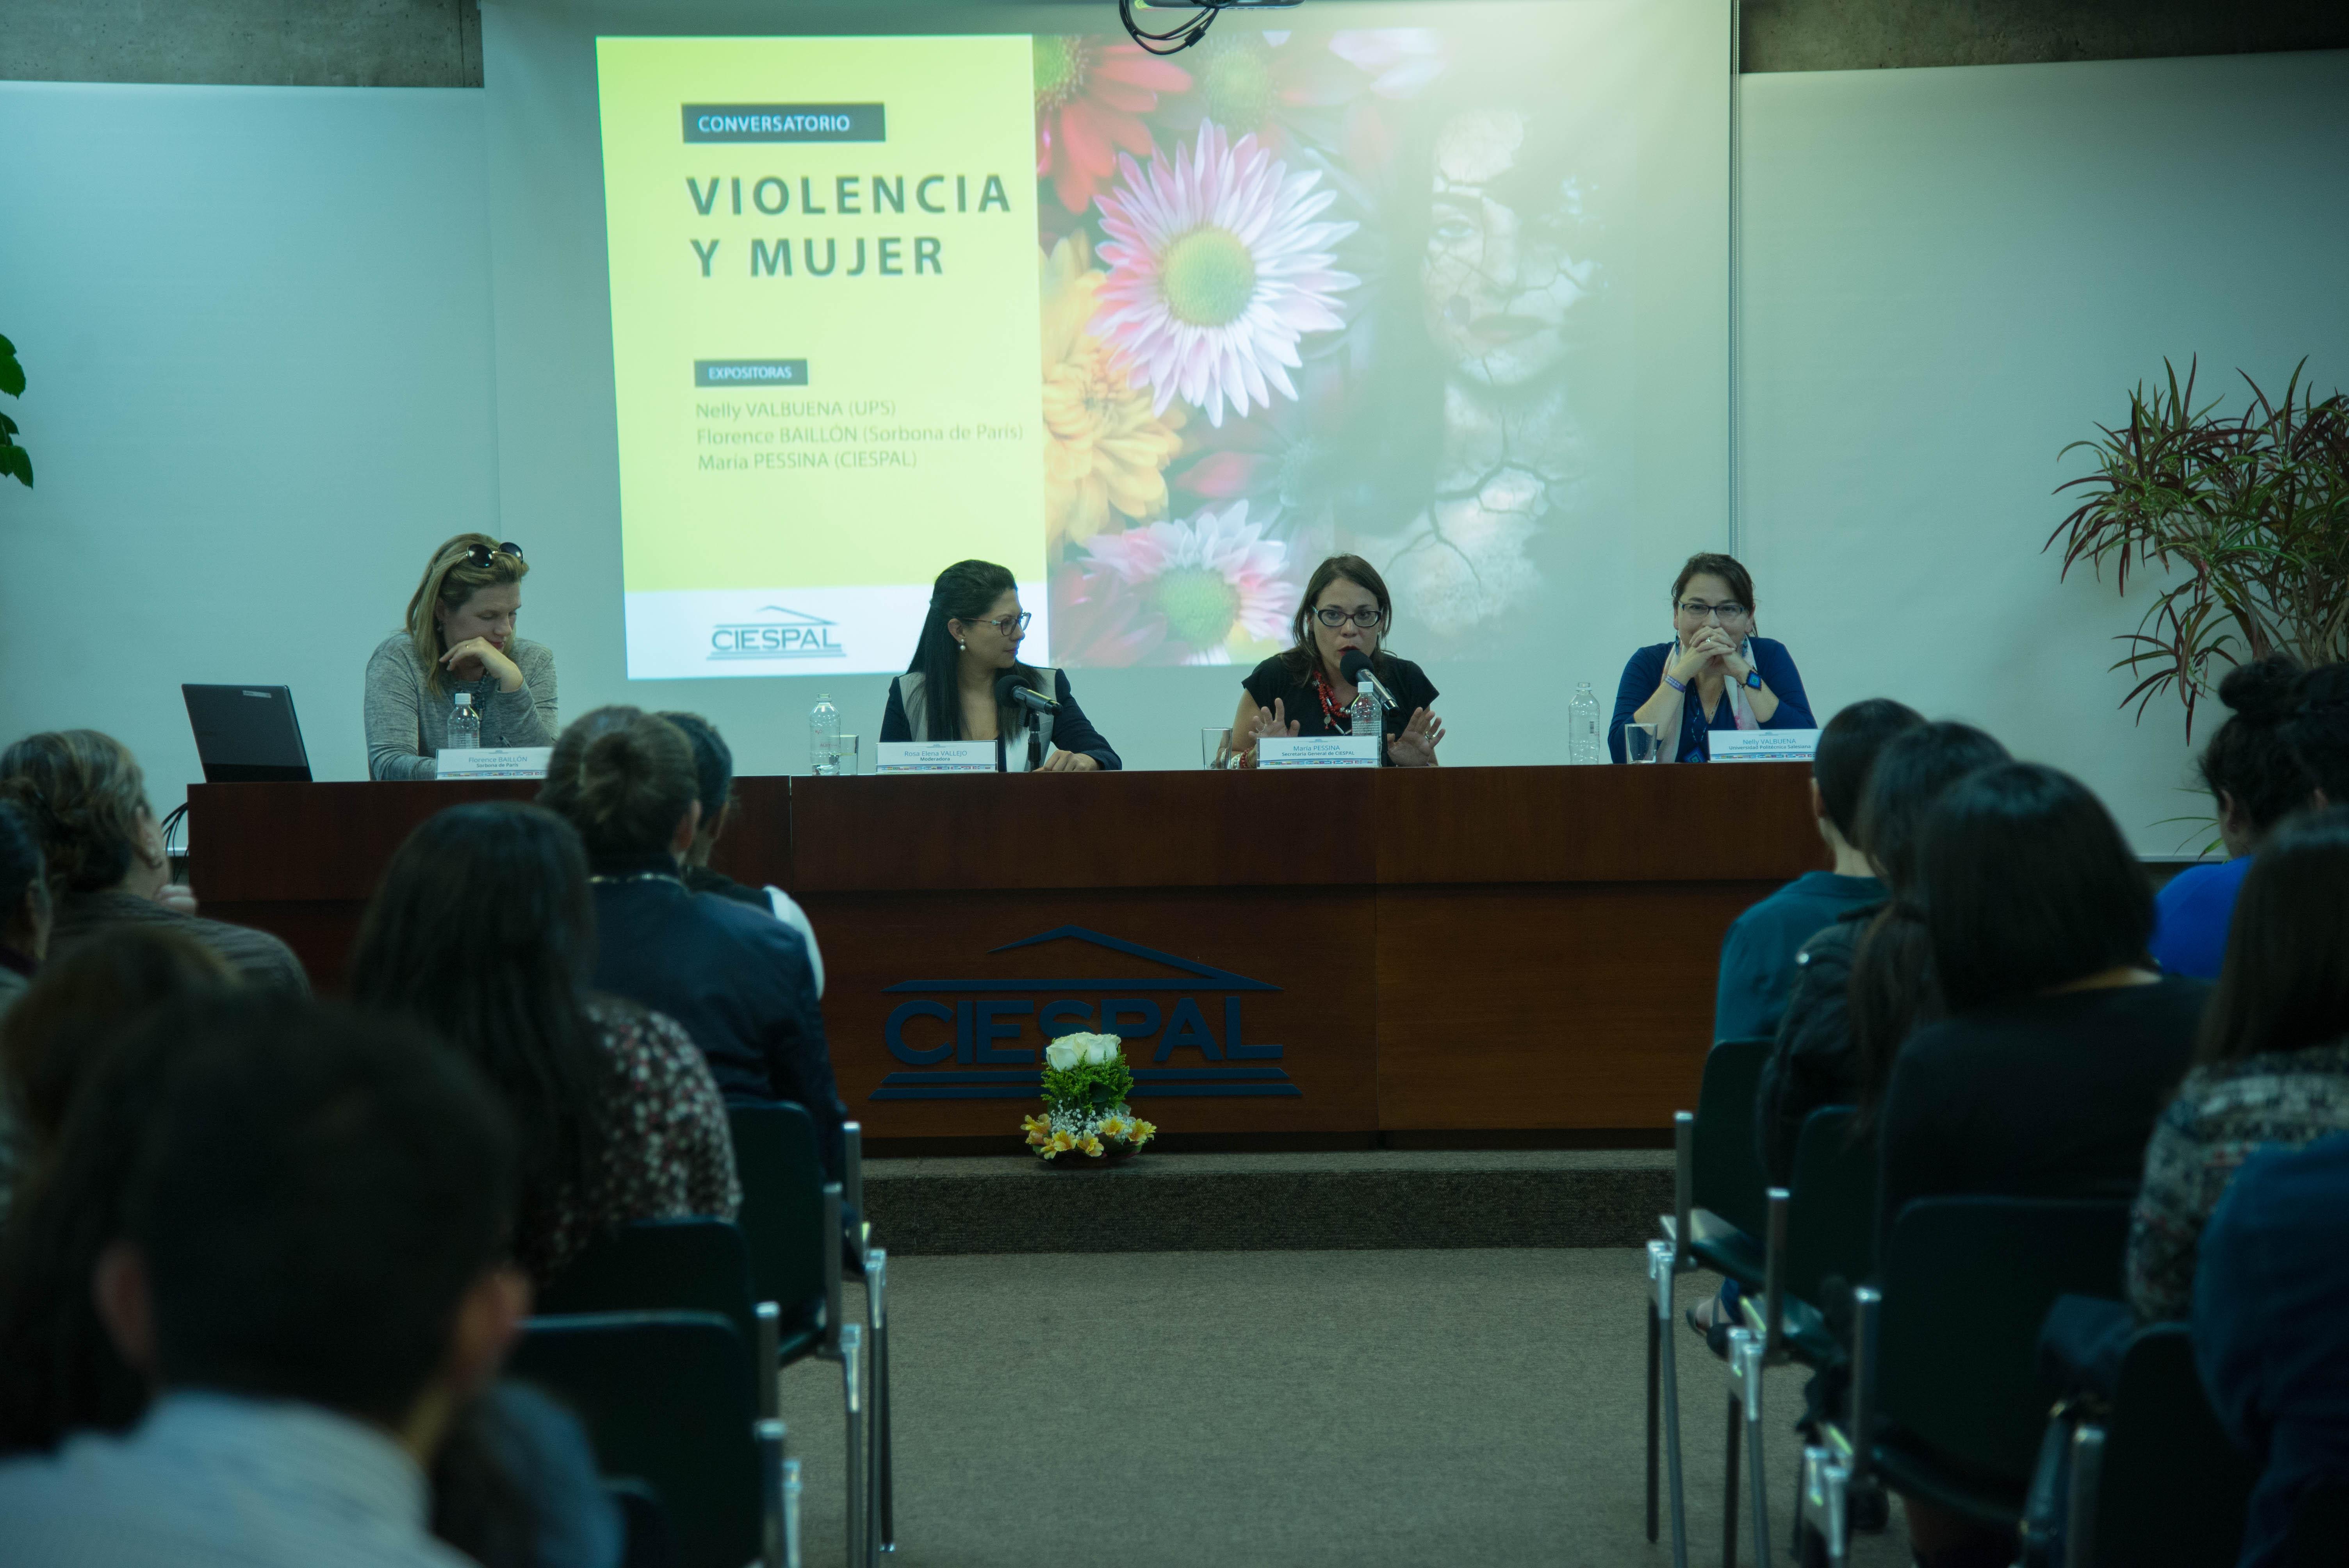 Conversatorio sobre la mujer y la violencia convoca a decenas de personas